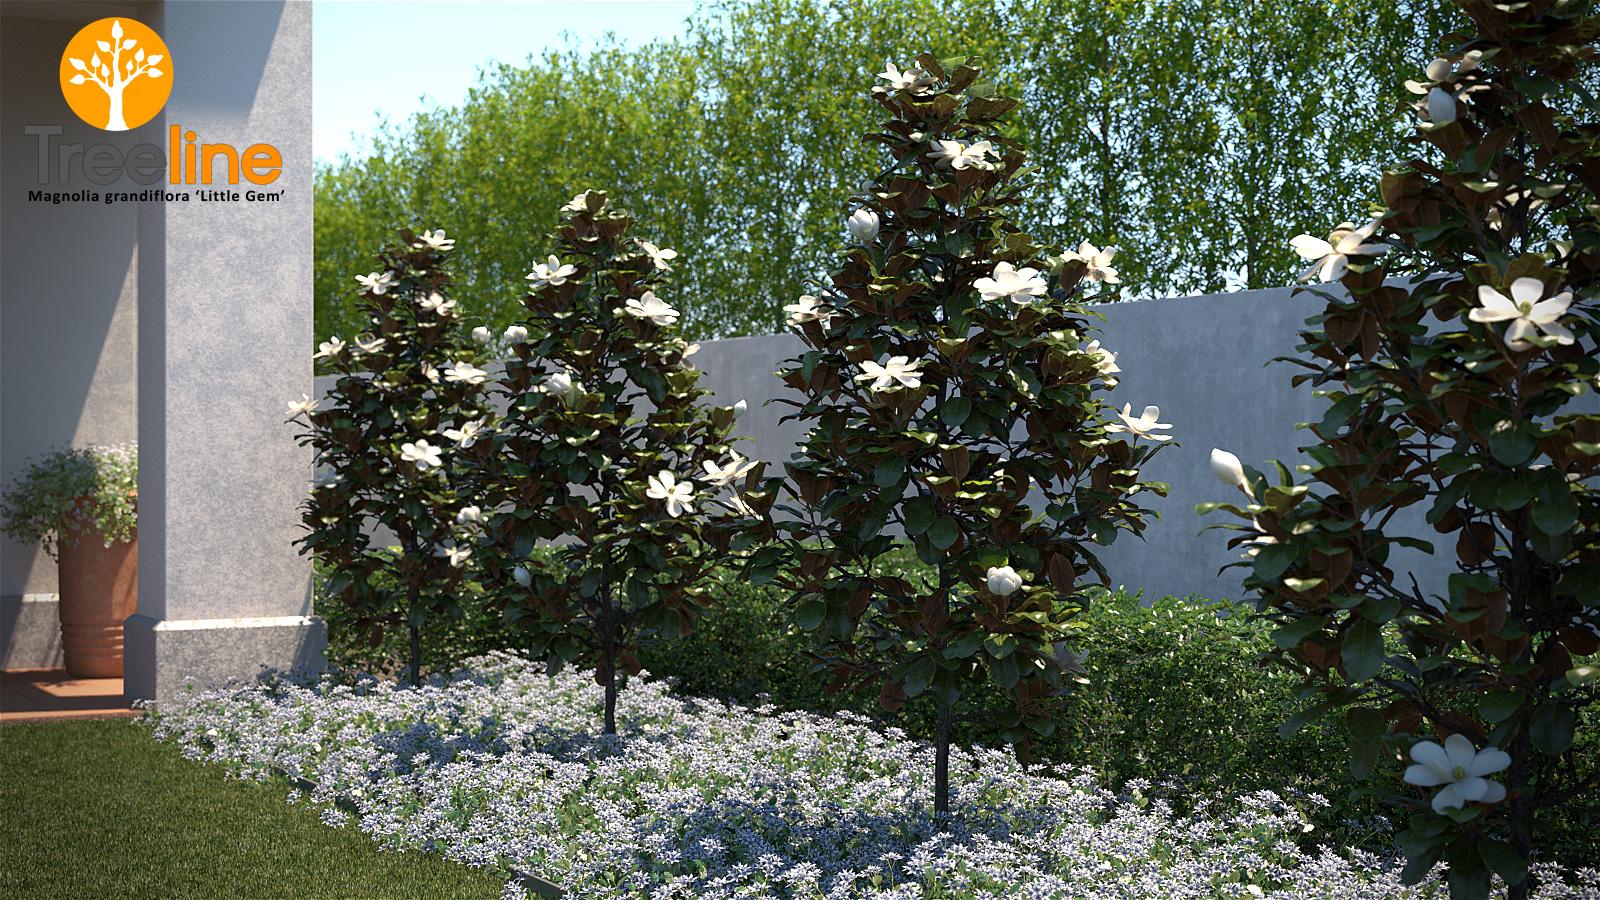 Magnolia Grandiflora Little Gem 3dmk